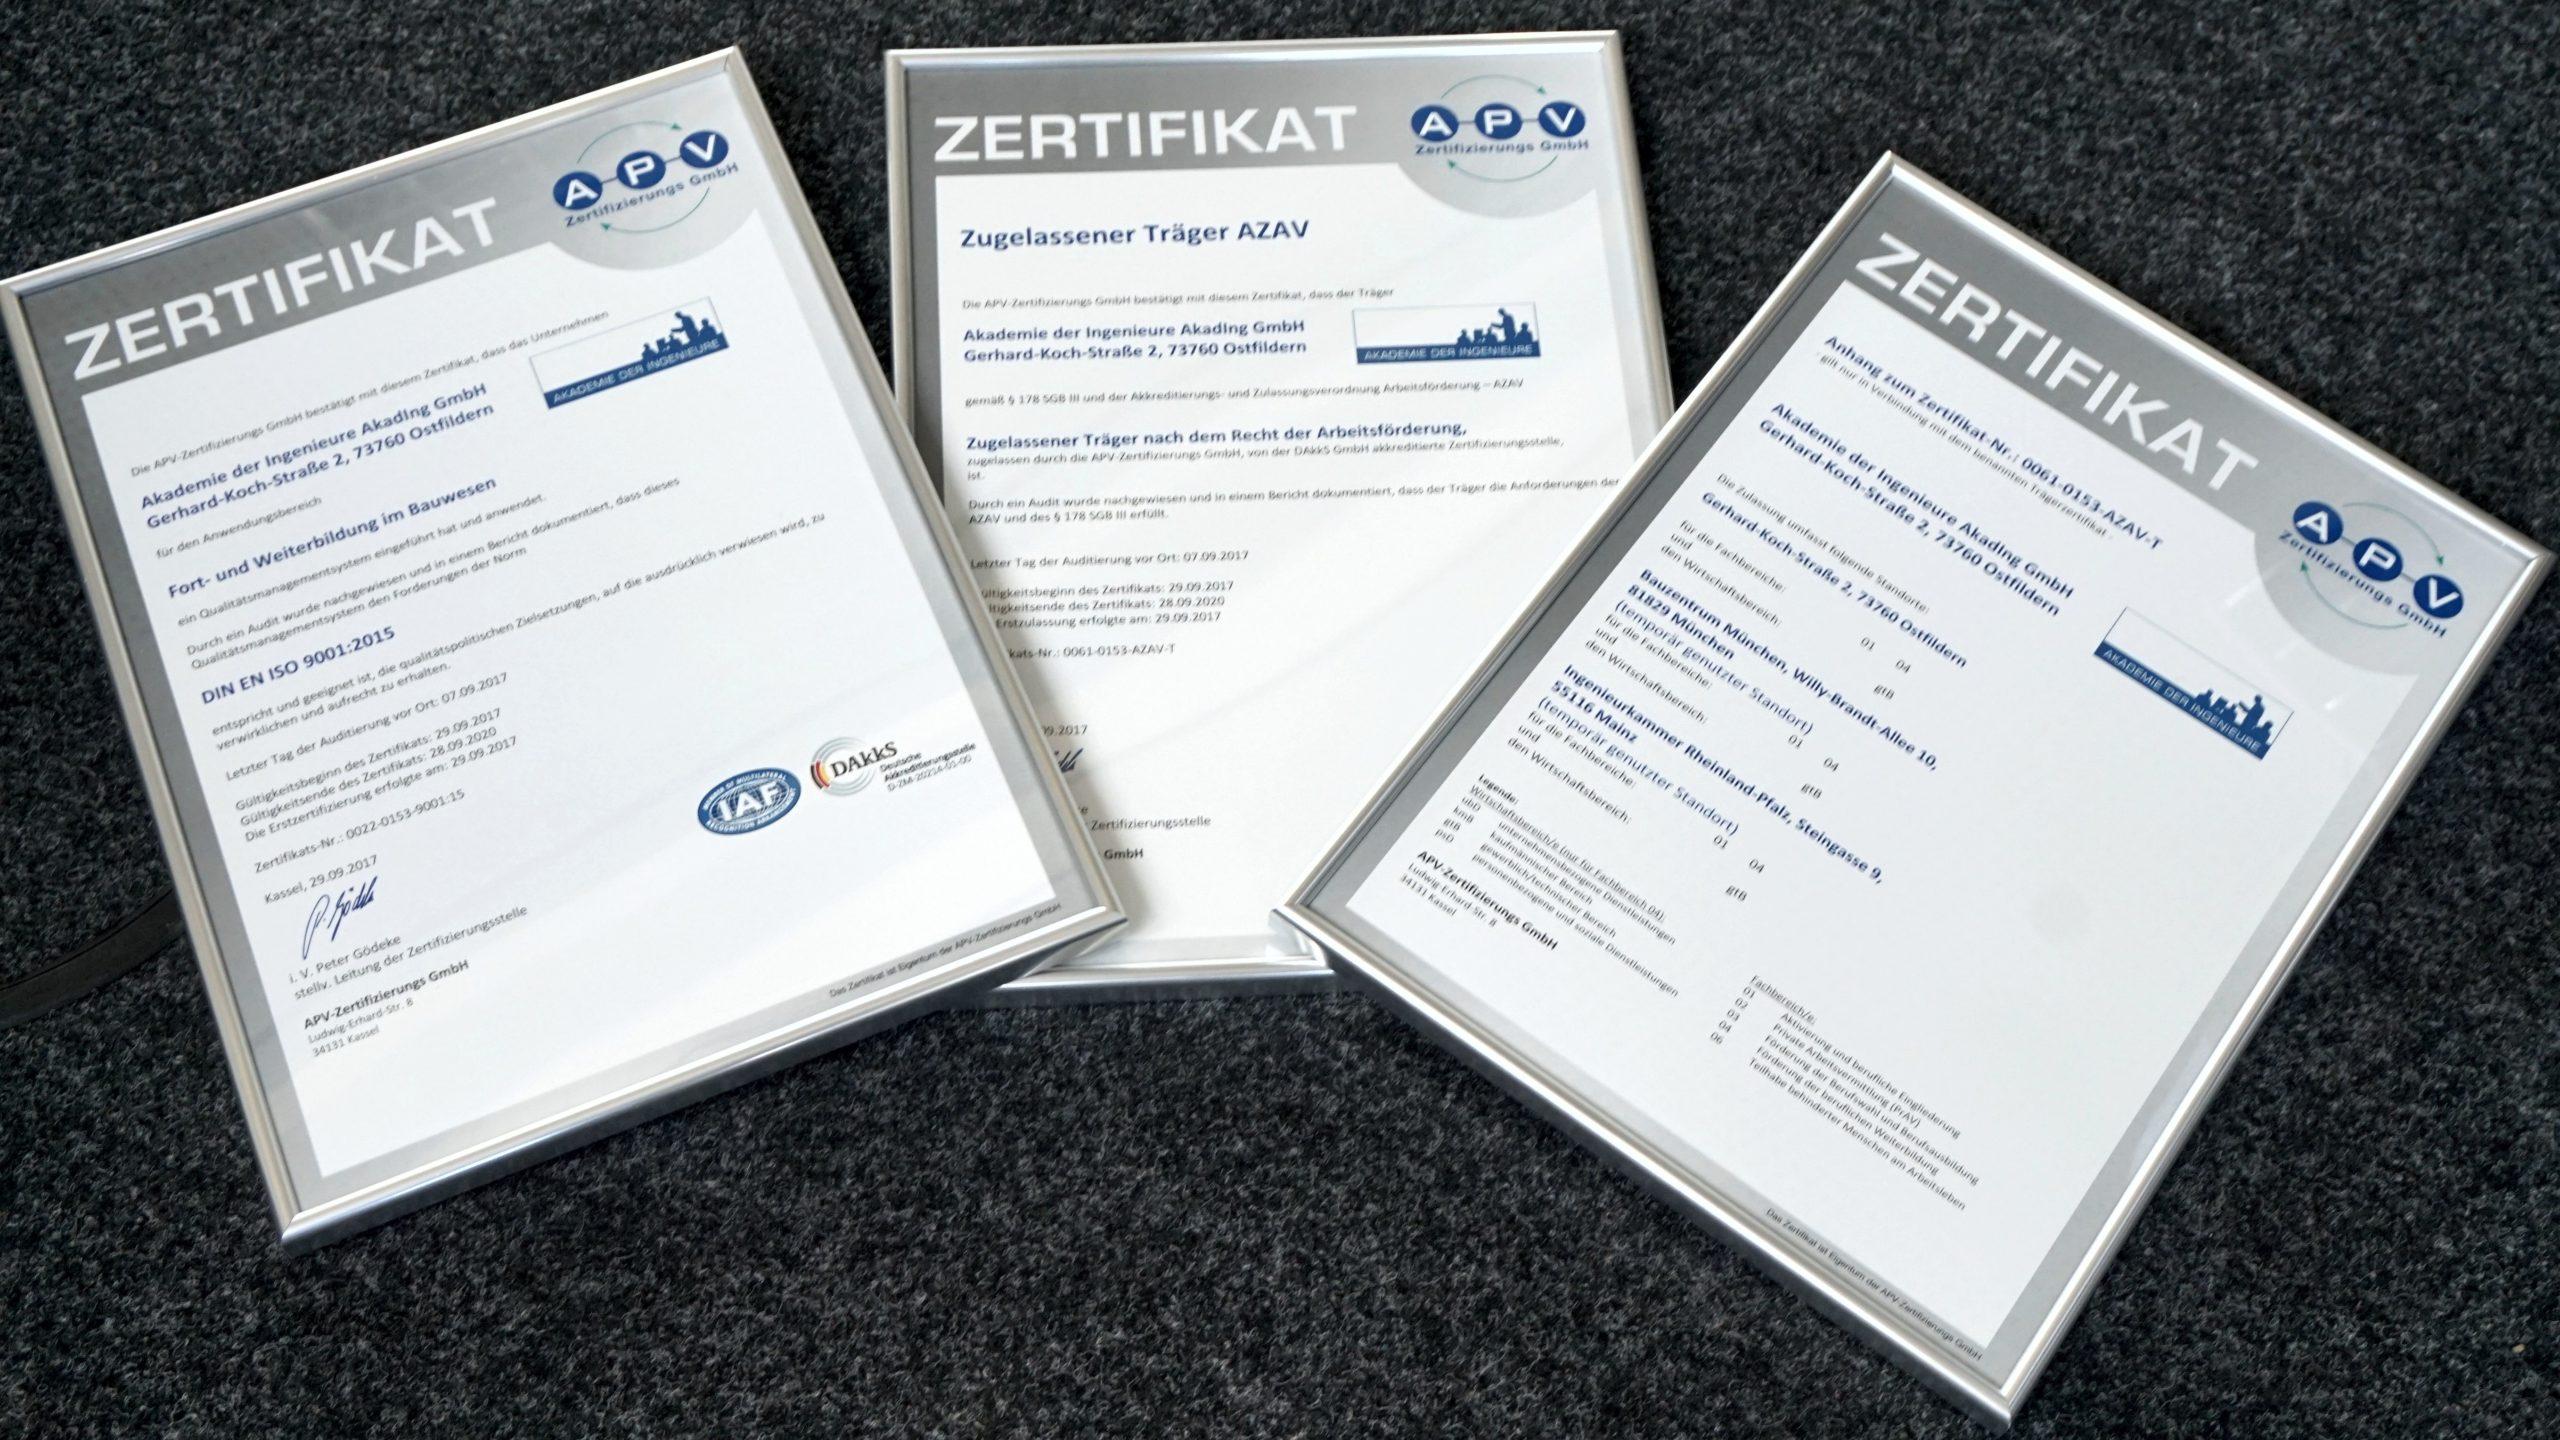 Kunden und Feedback | APV-Zertifizierungs GmbH